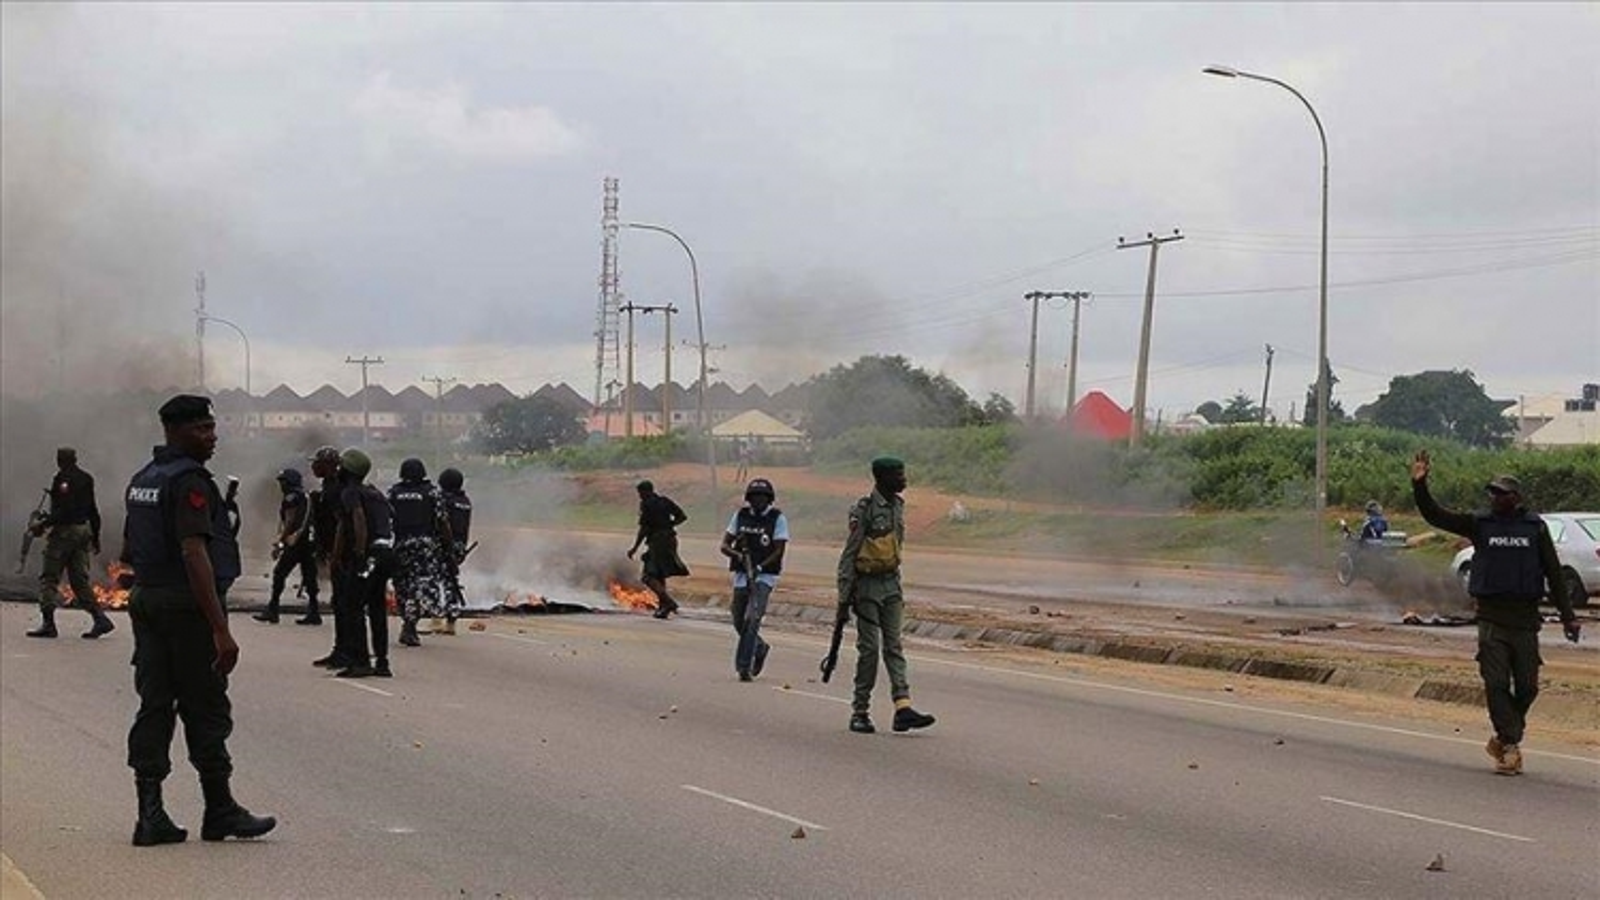 30 người thiệt mạng trong vụ tấn công vào khu đồn trú quân đội ở Nigeria